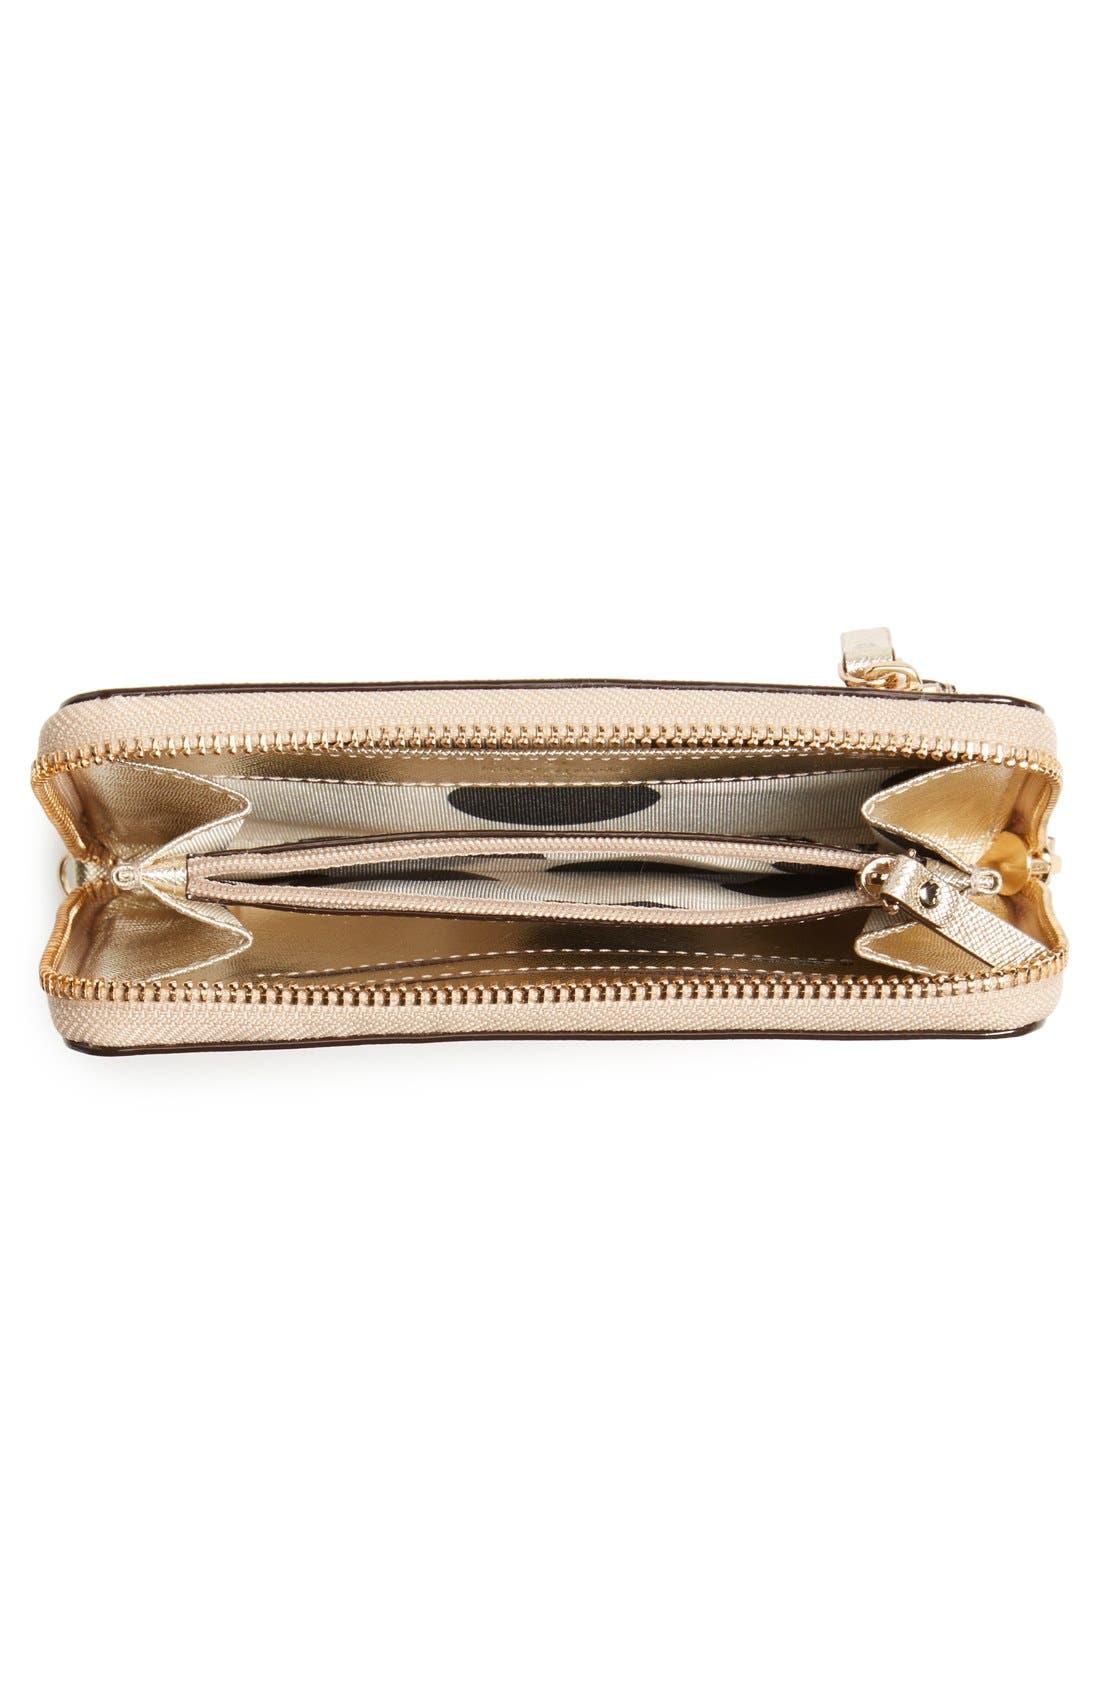 'cedar street - jordie' zip around leather wallet,                             Alternate thumbnail 4, color,                             710